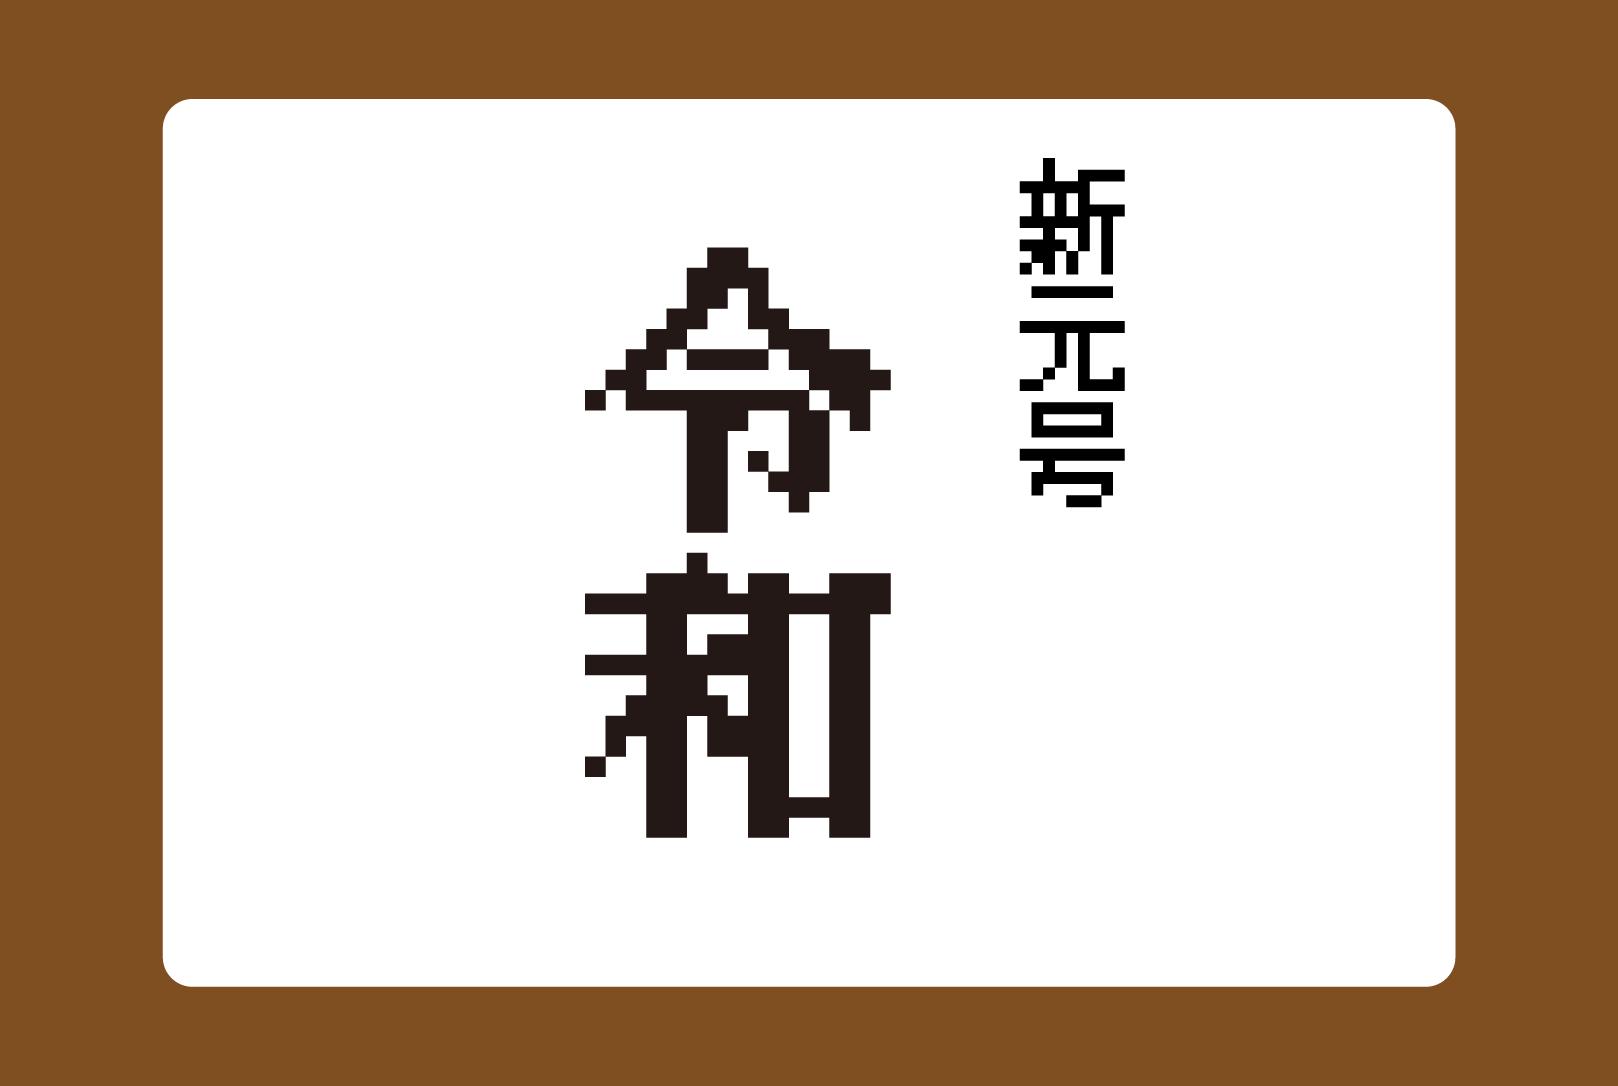 【新元号】令和のドット絵図案【日本の改元】